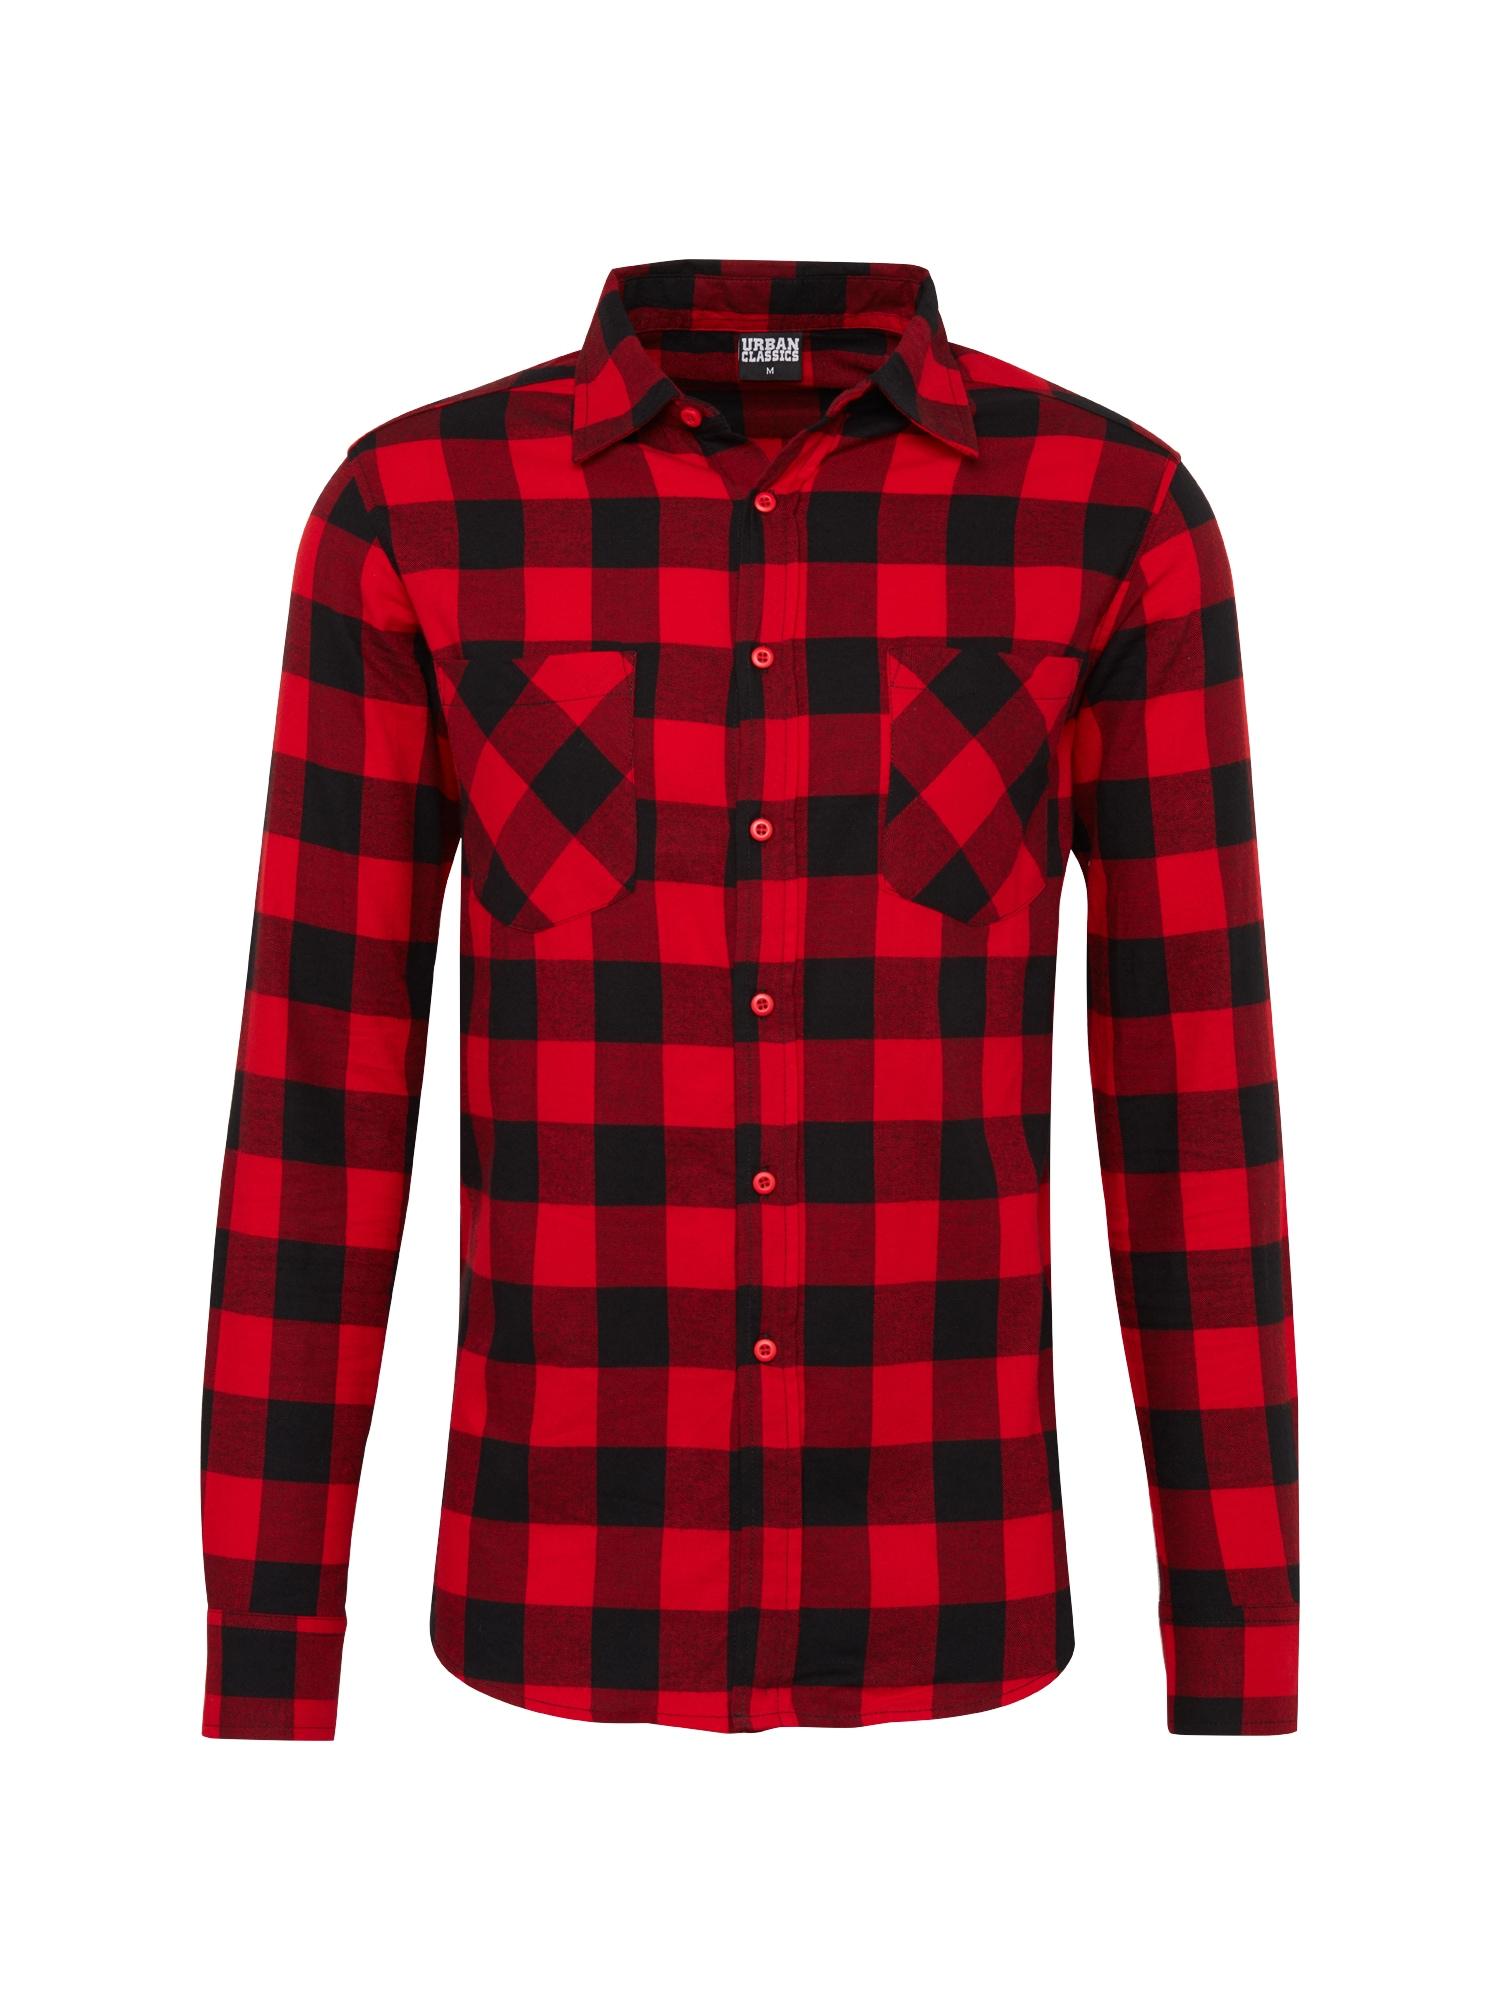 Urban Classics Dalykiniai marškiniai 'Checked Flanell' raudona / juoda